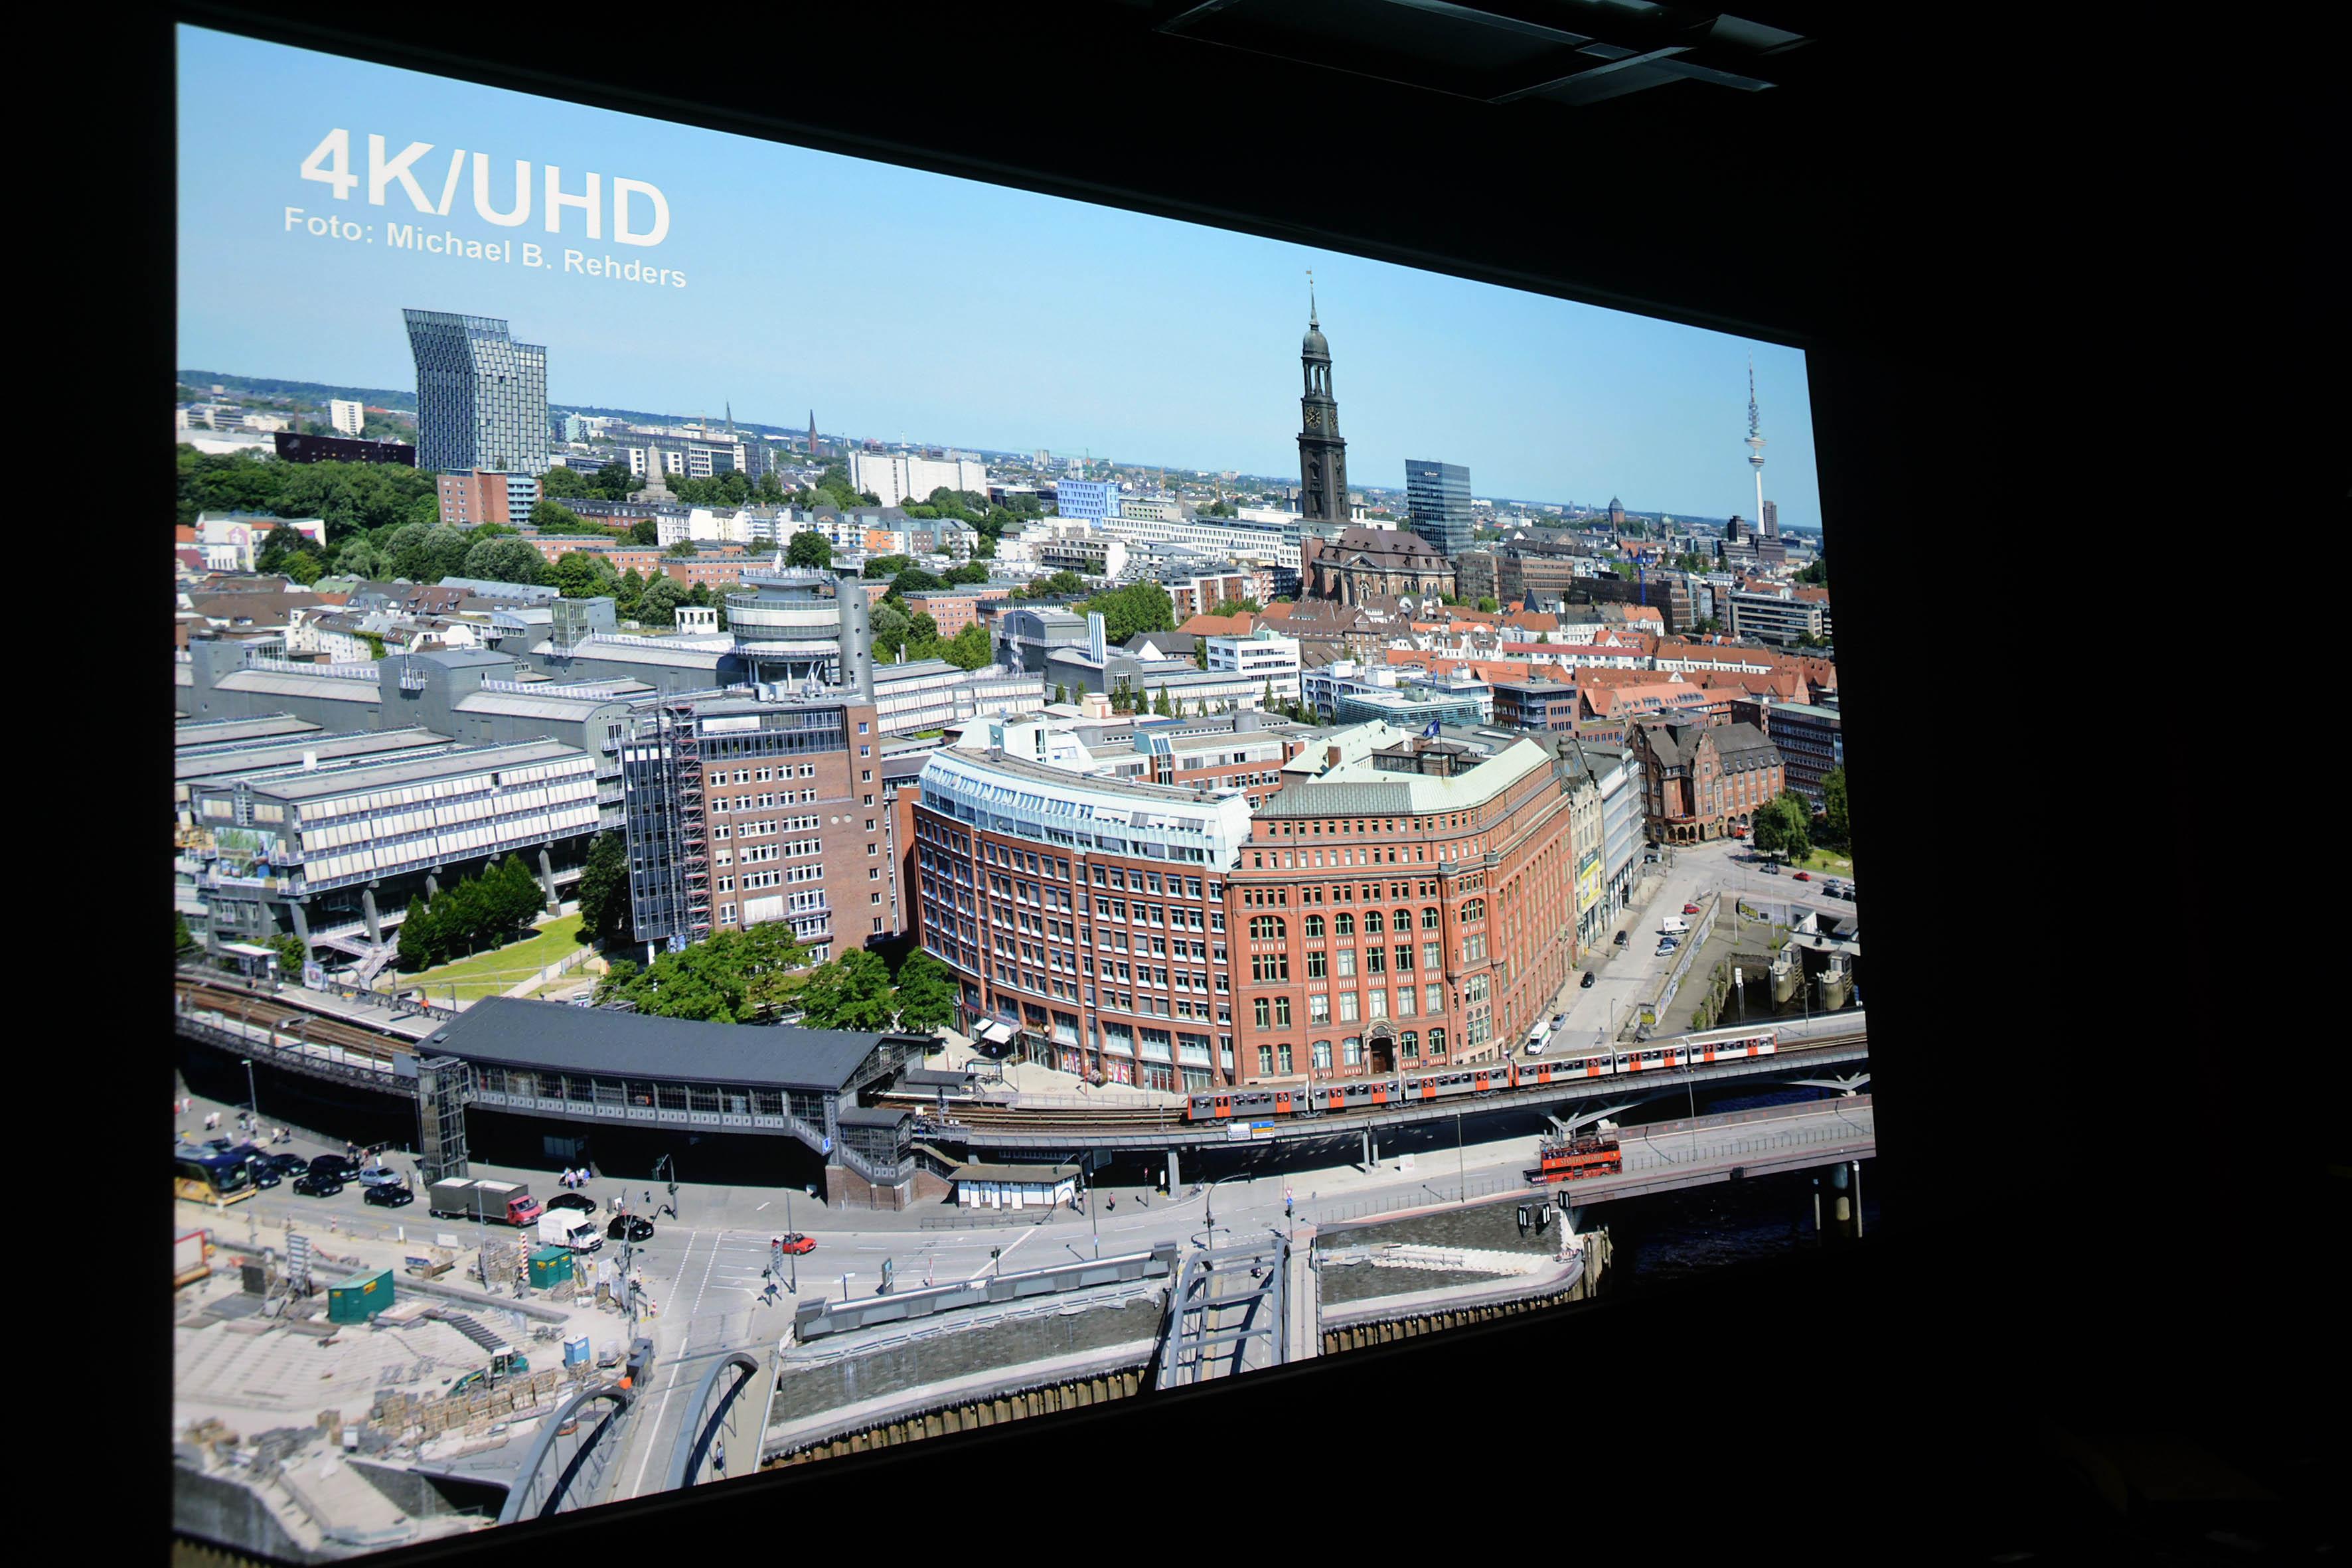 Originalaufnahme: Michael B. Rehders Die Panoramaaufnahme von Hamburg bietet zahllose Details, um Stärken und Schwächen eines Projektors aufzudecken.